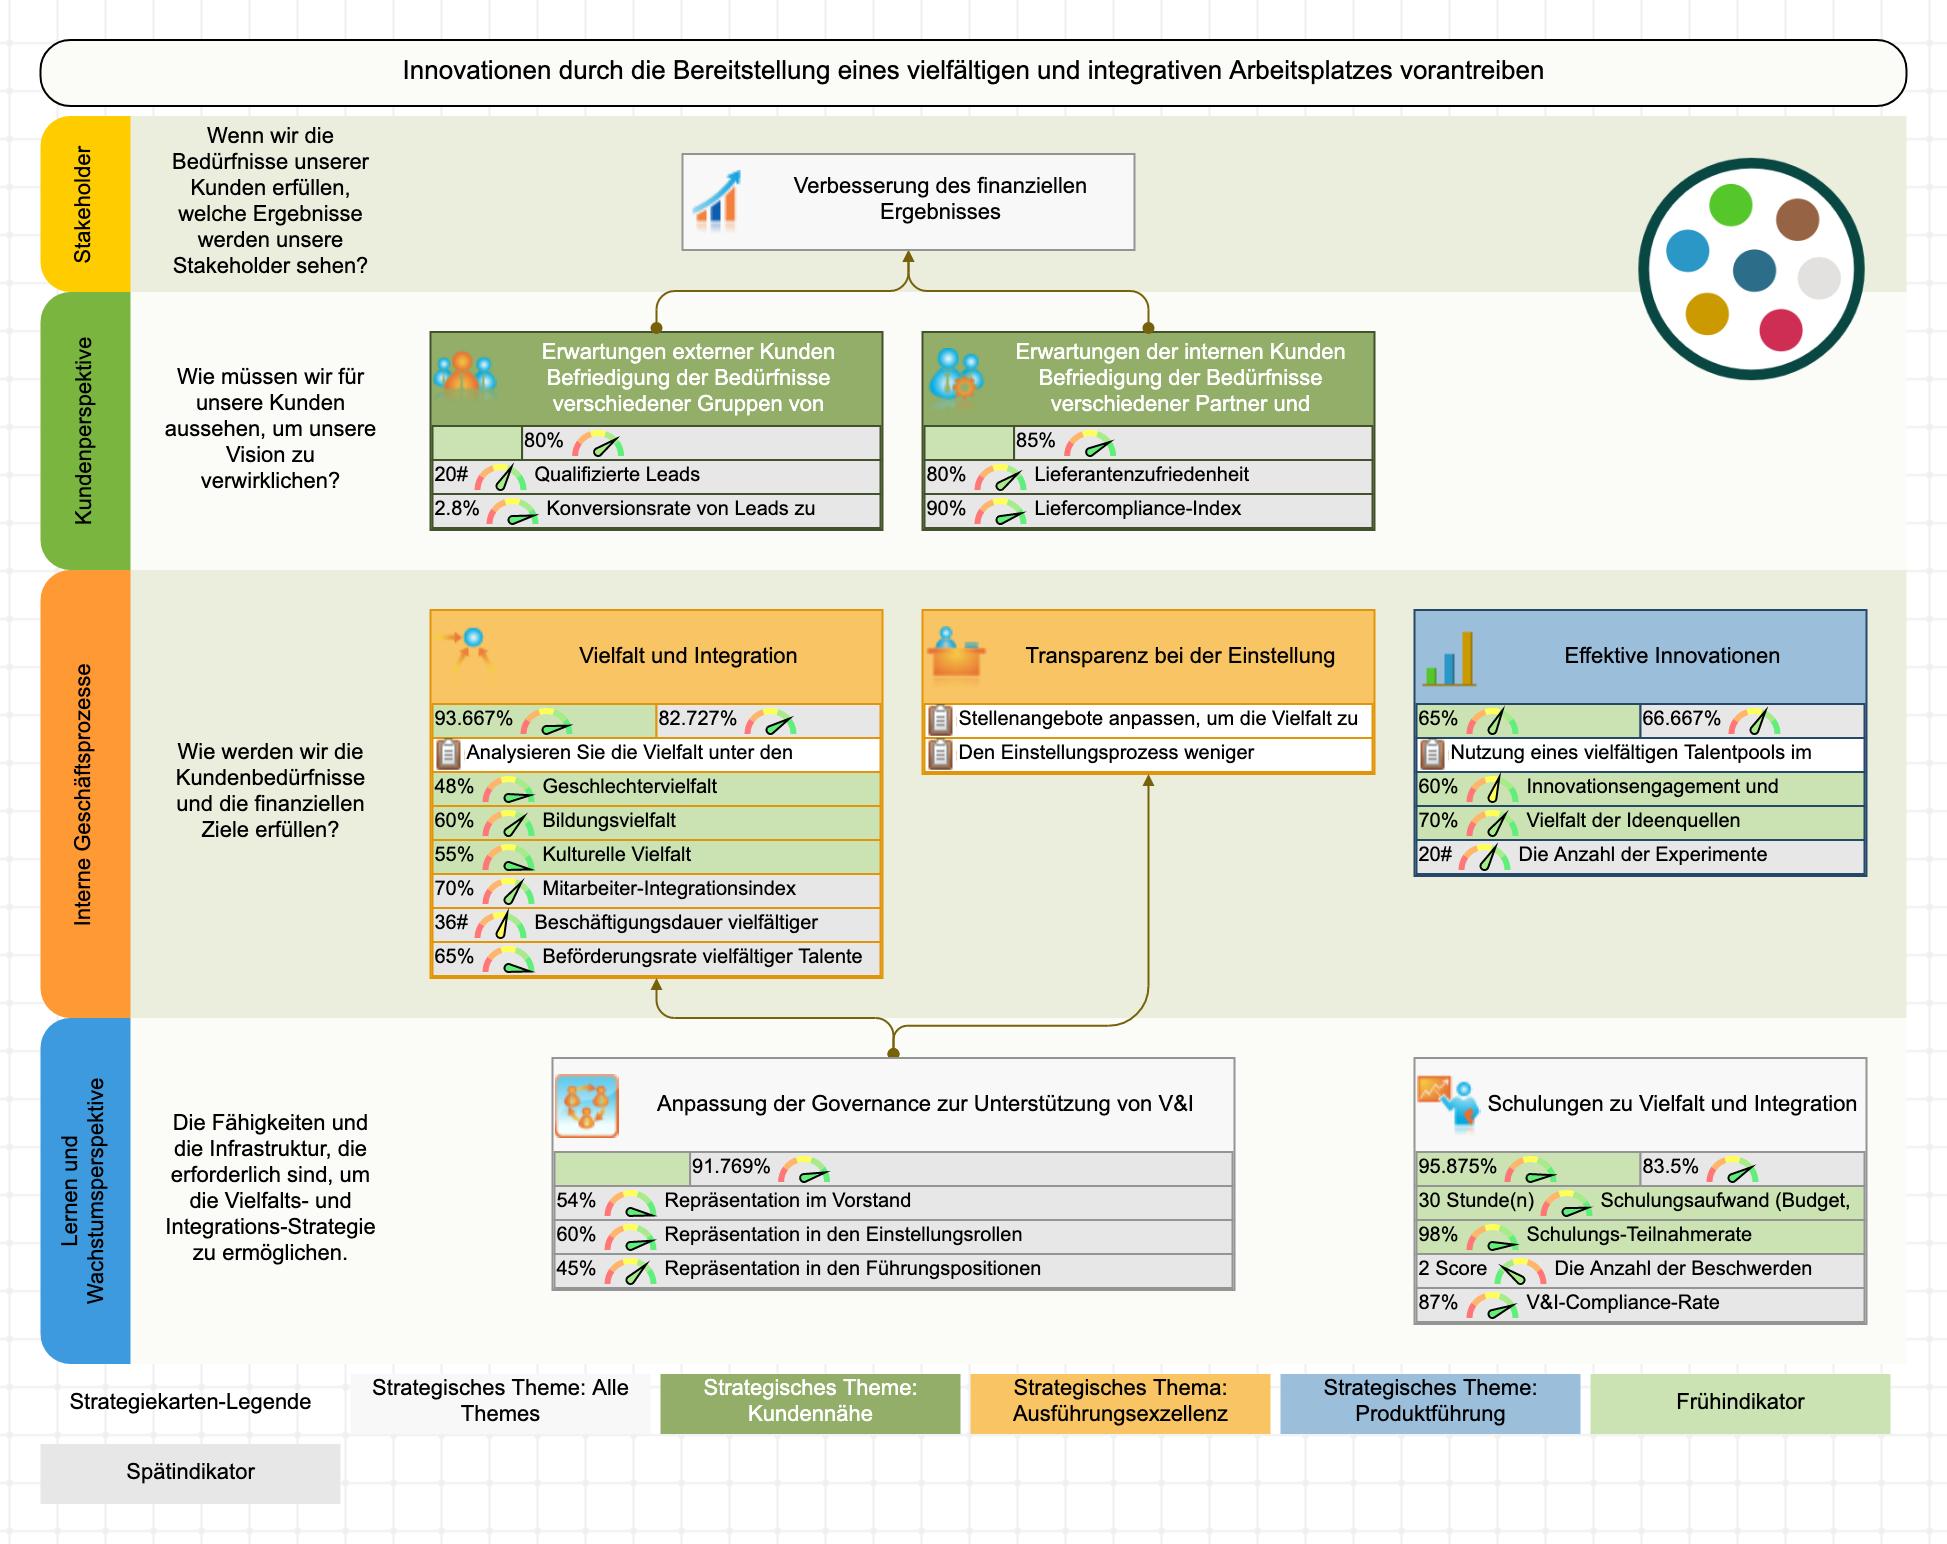 Strategiekarte für Vielfalt und Integration